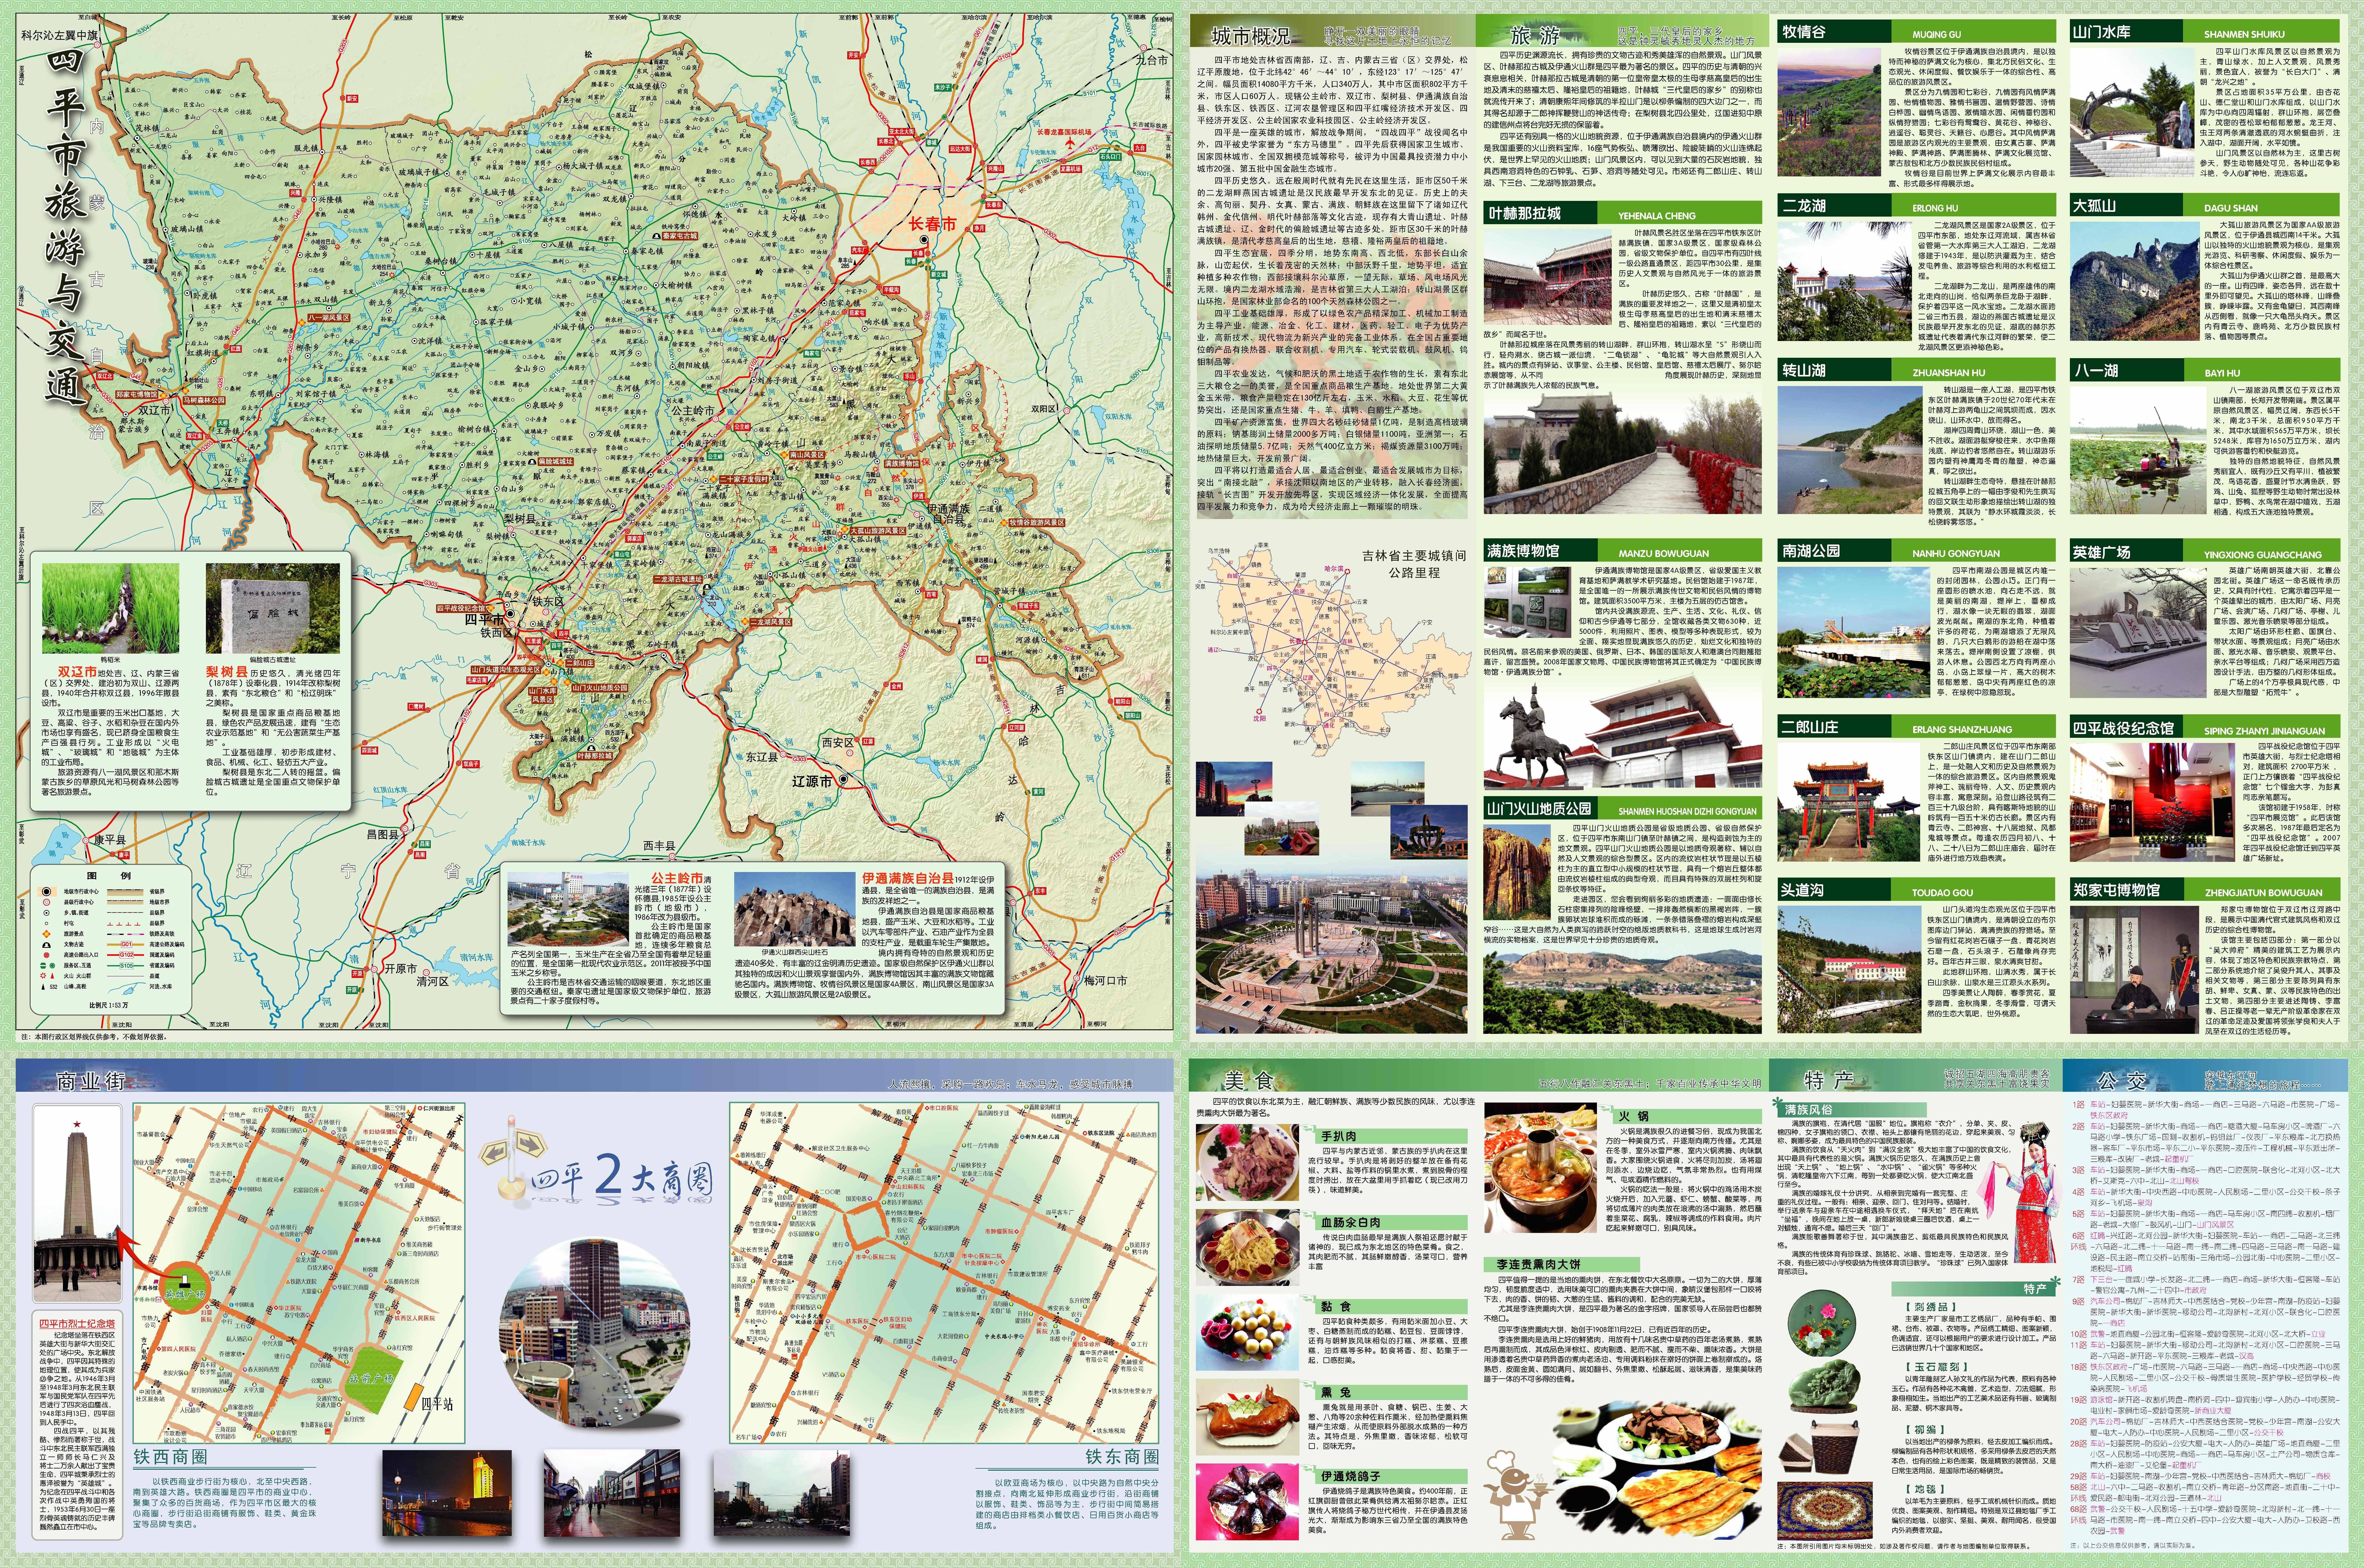 四平市旅游地图高清版大图